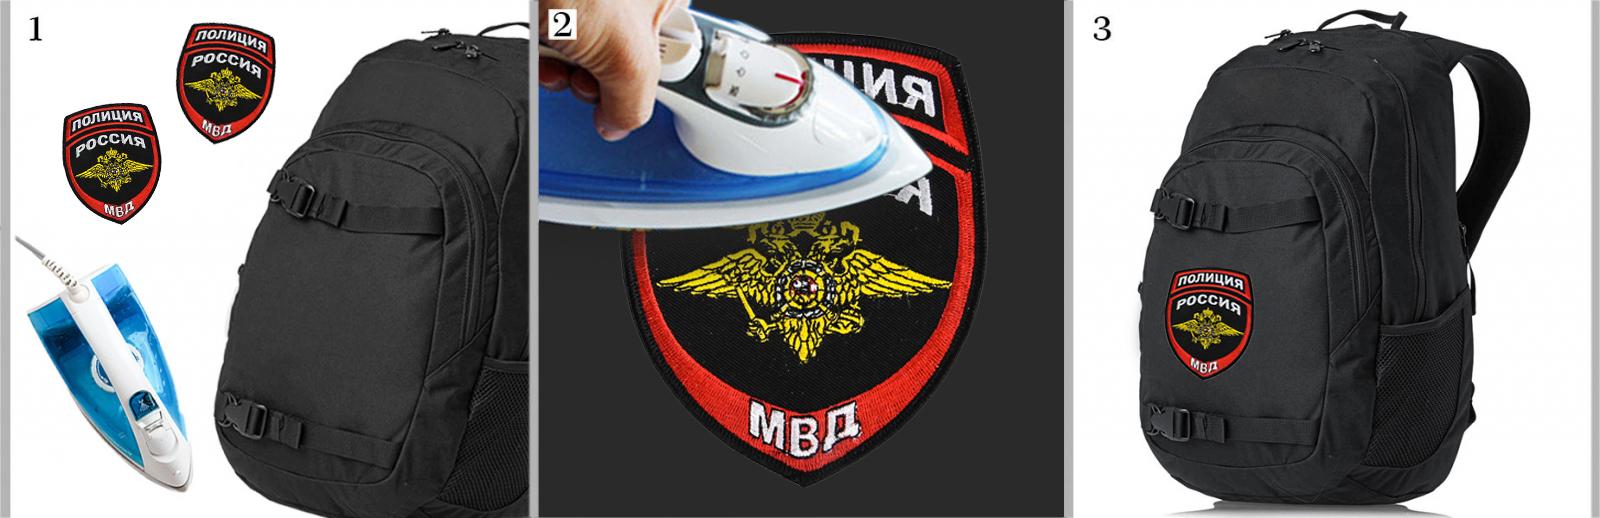 Нашивки полиции России – все виды, включая экземпляры на термооснове